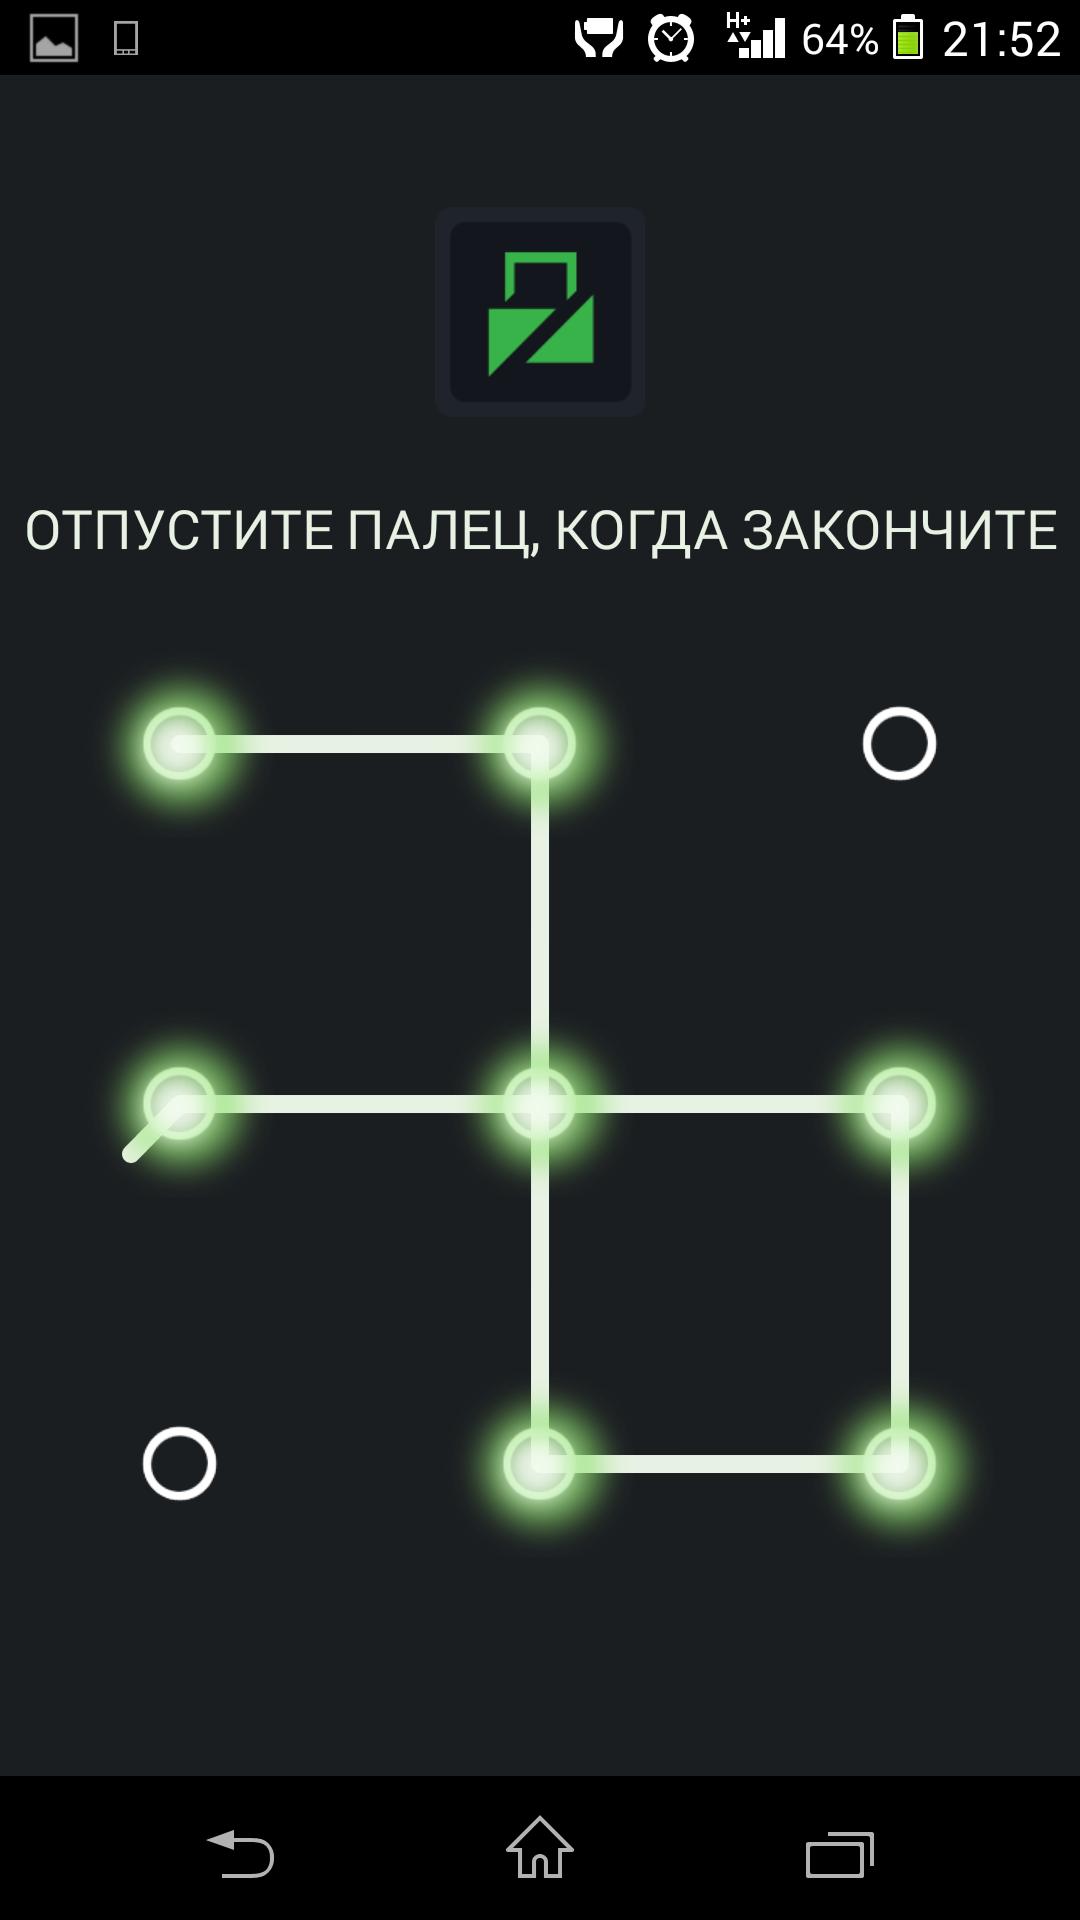 Варианты графических ключей для андроид в картинках, день рождения для